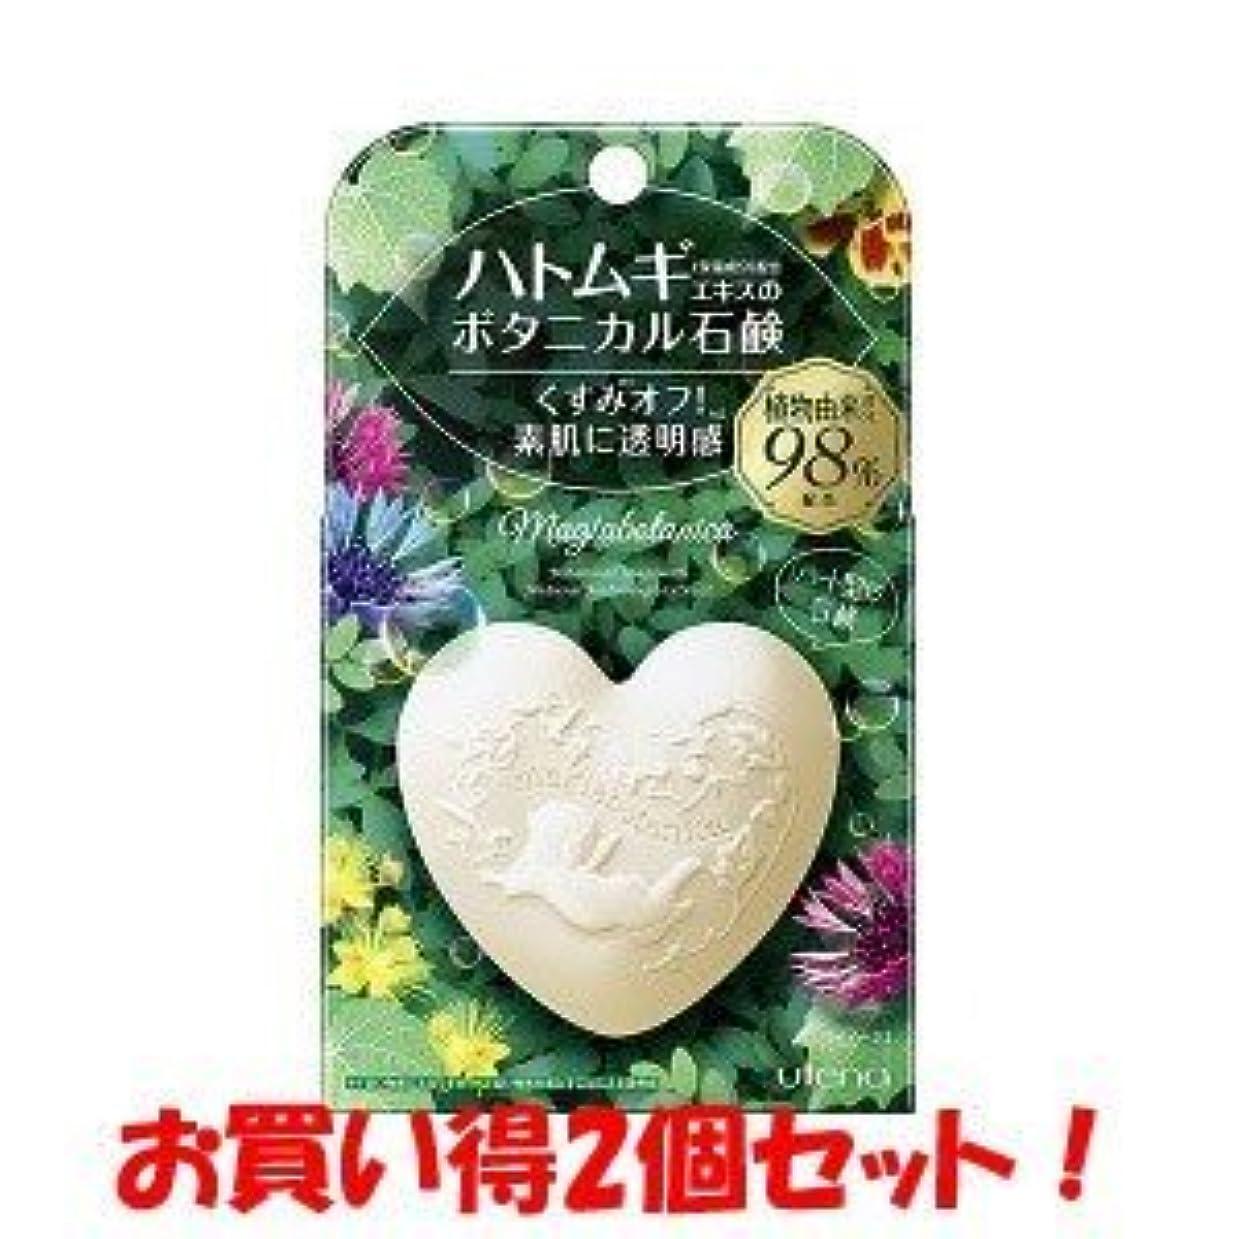 専門用語驚くべき魚(ウテナ)マジアボタニカ ボタニカル石鹸 100g(お買い得2個セット)